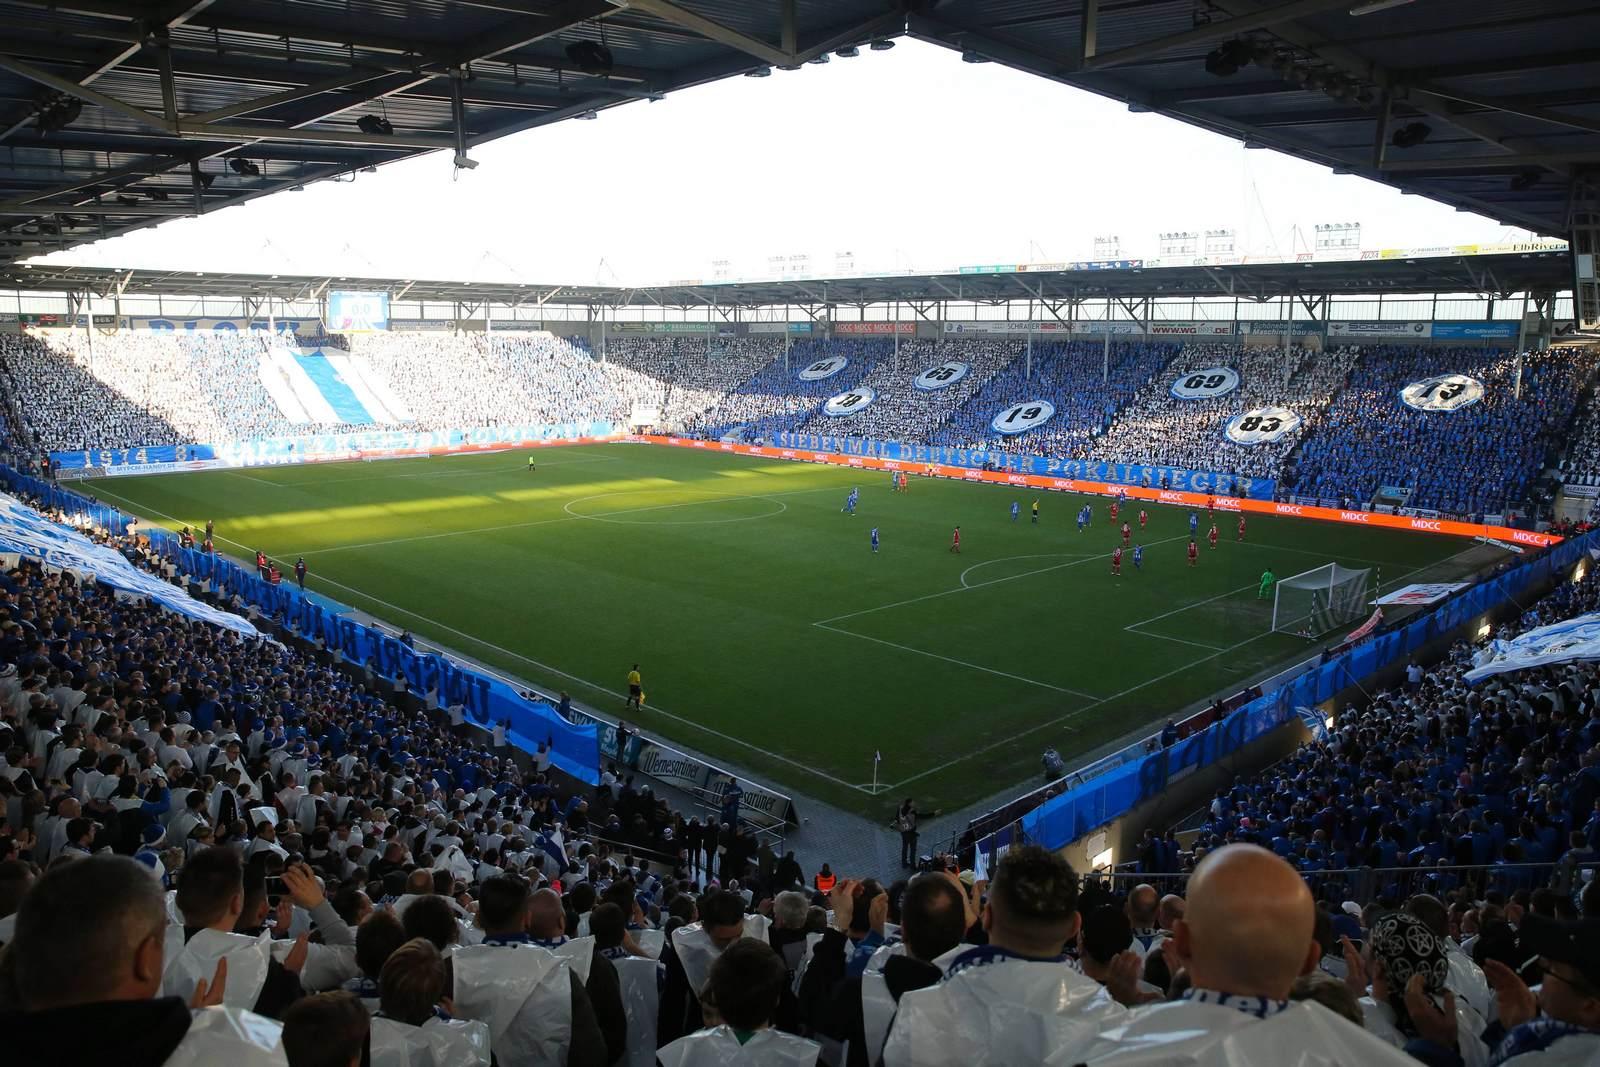 Die MDCC-Arena, Heimspielstätte des 1. FC Magdeburg